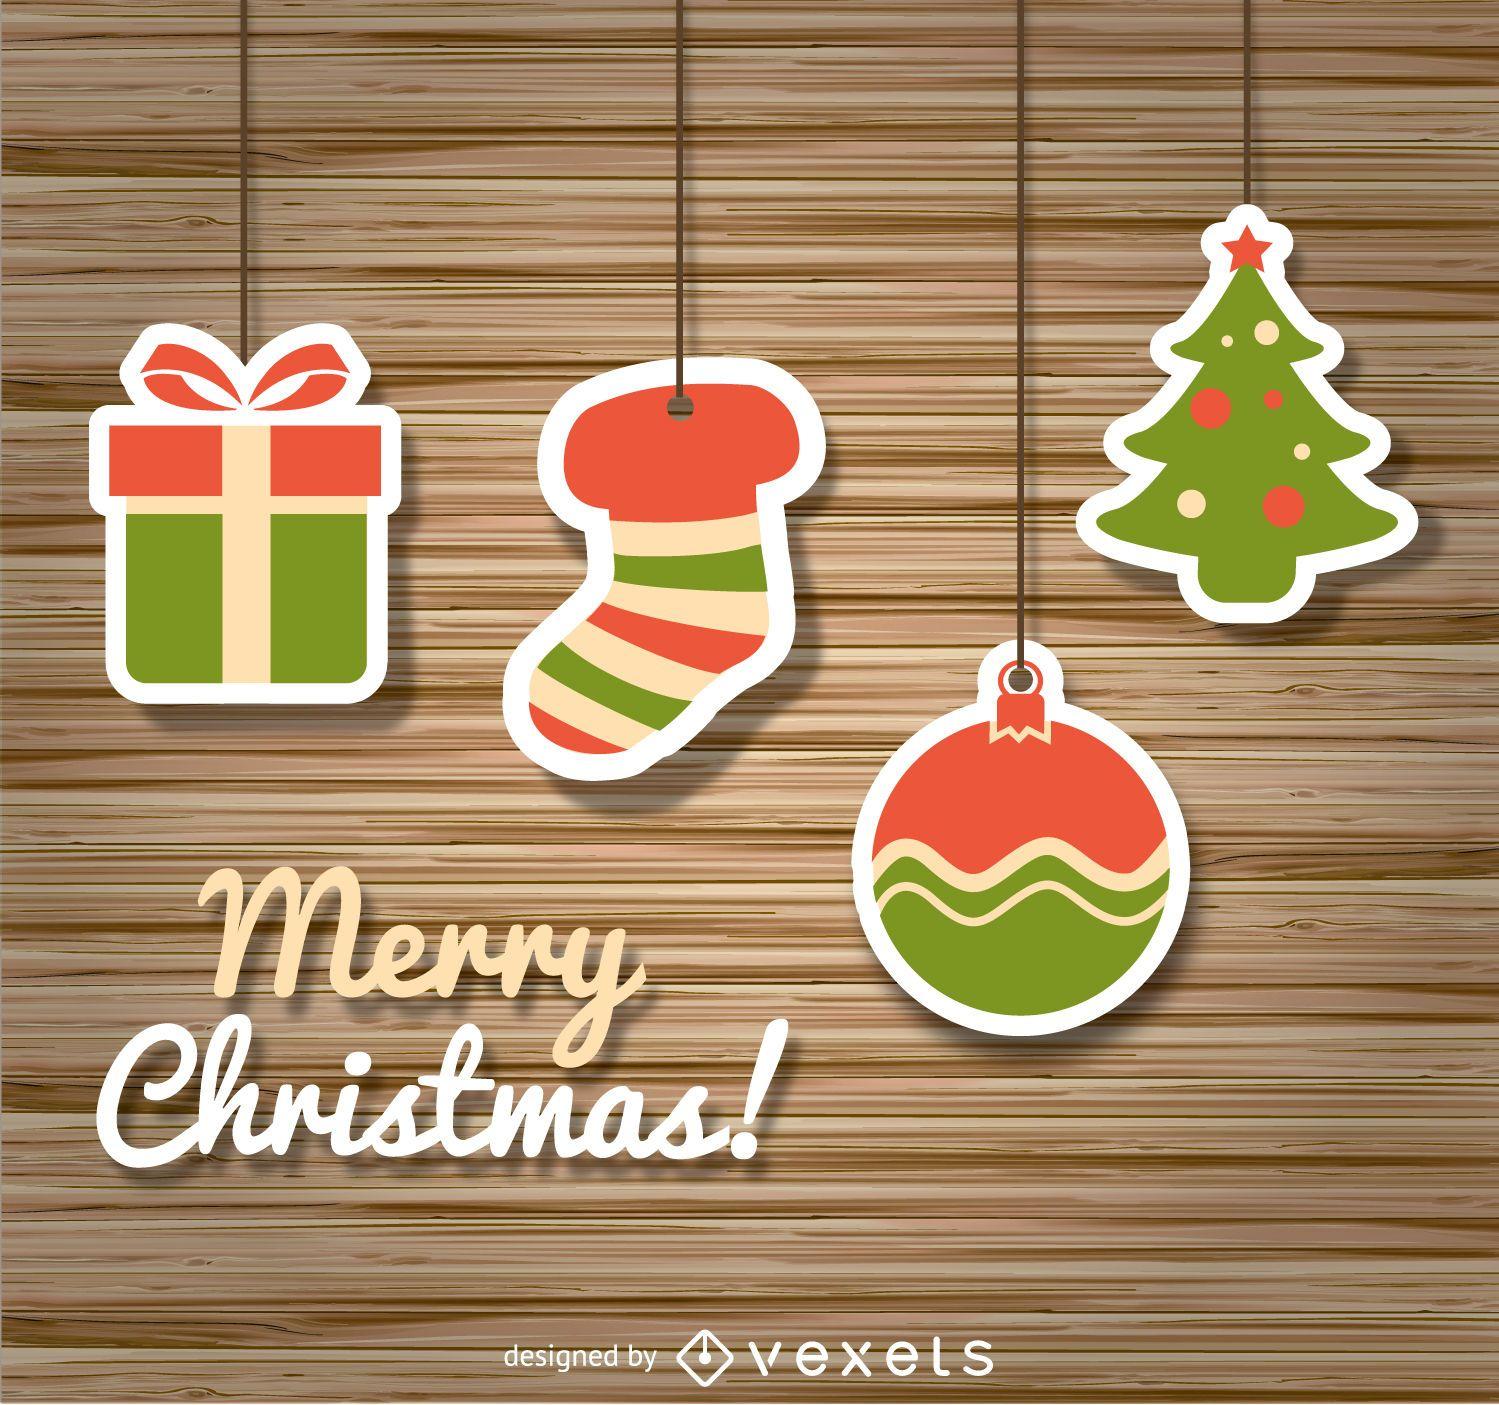 Iconos de Navidad sobre madera